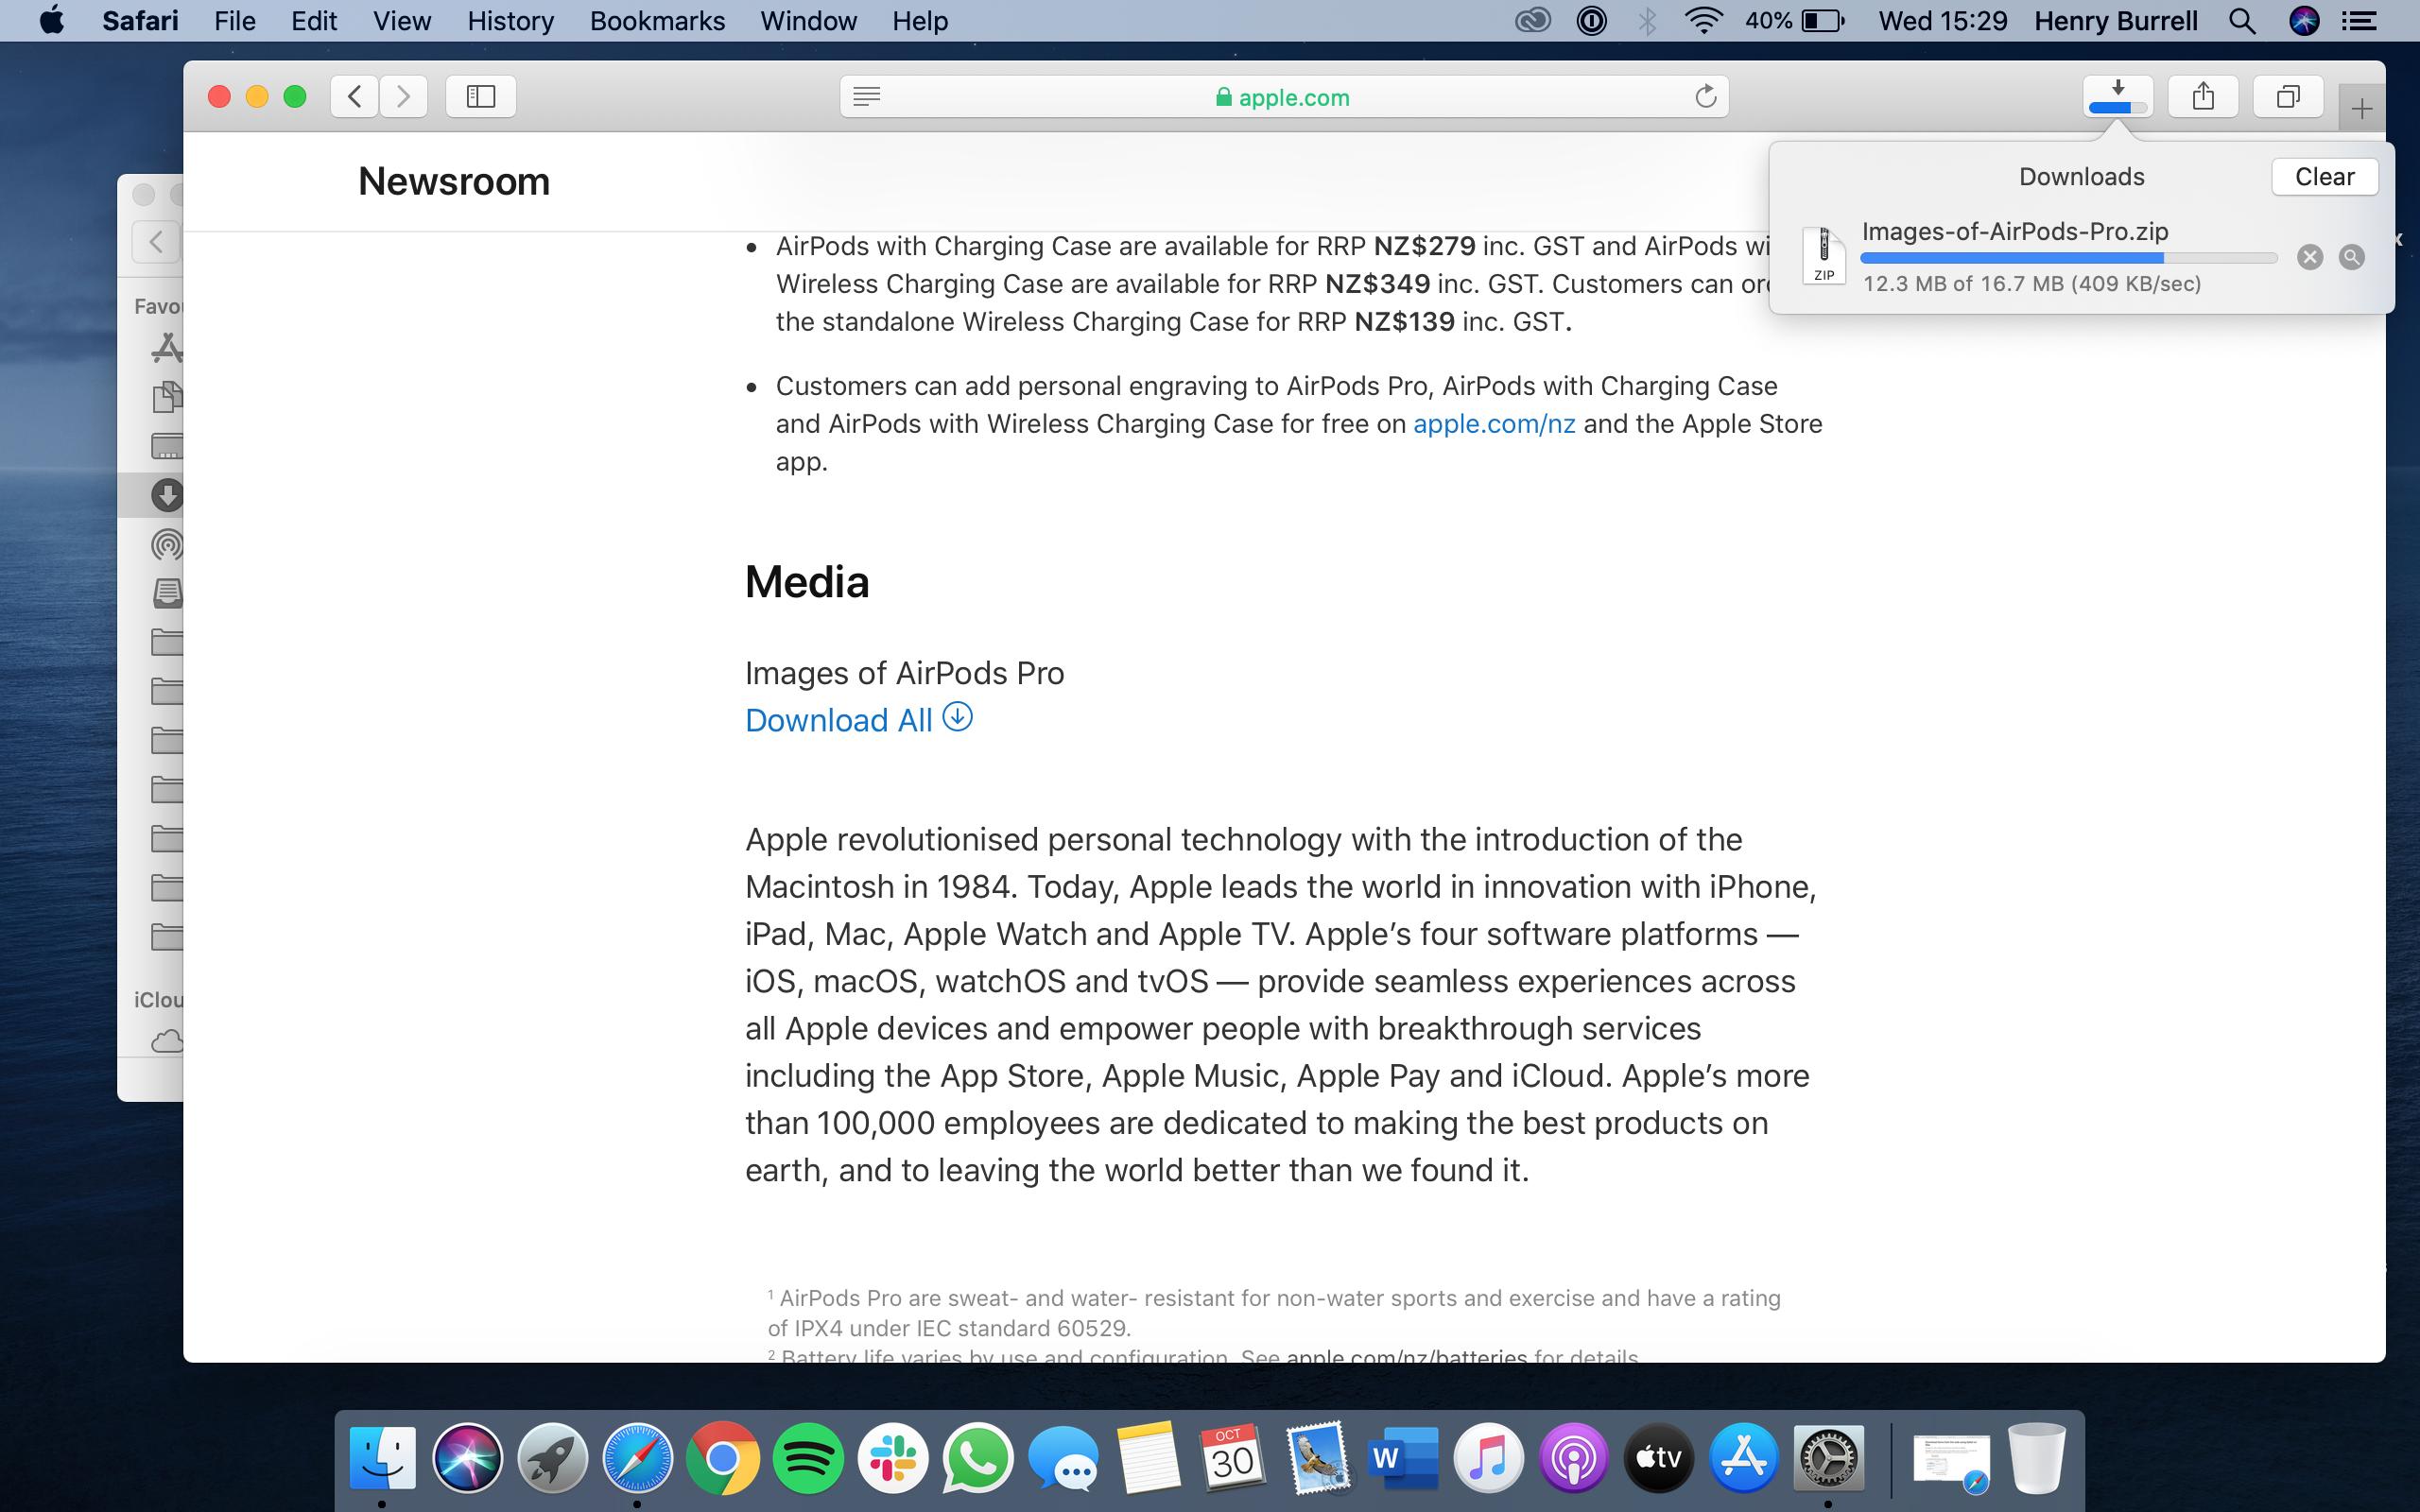 Estado de descarga en Safari en Mac